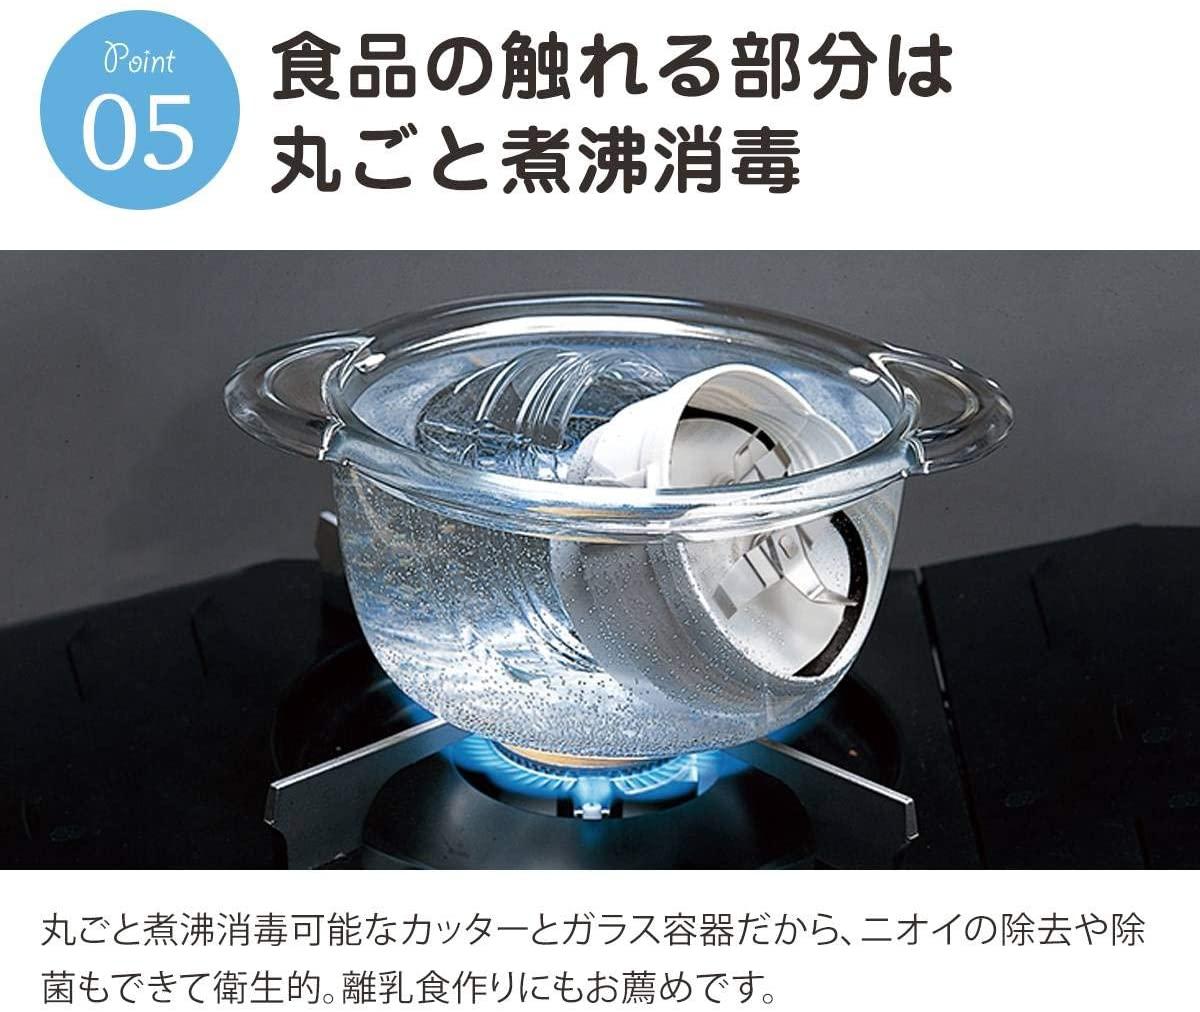 岩谷産業(Iwatani) クラッシュミルサー ブラック IFM-C20Gの商品画像7